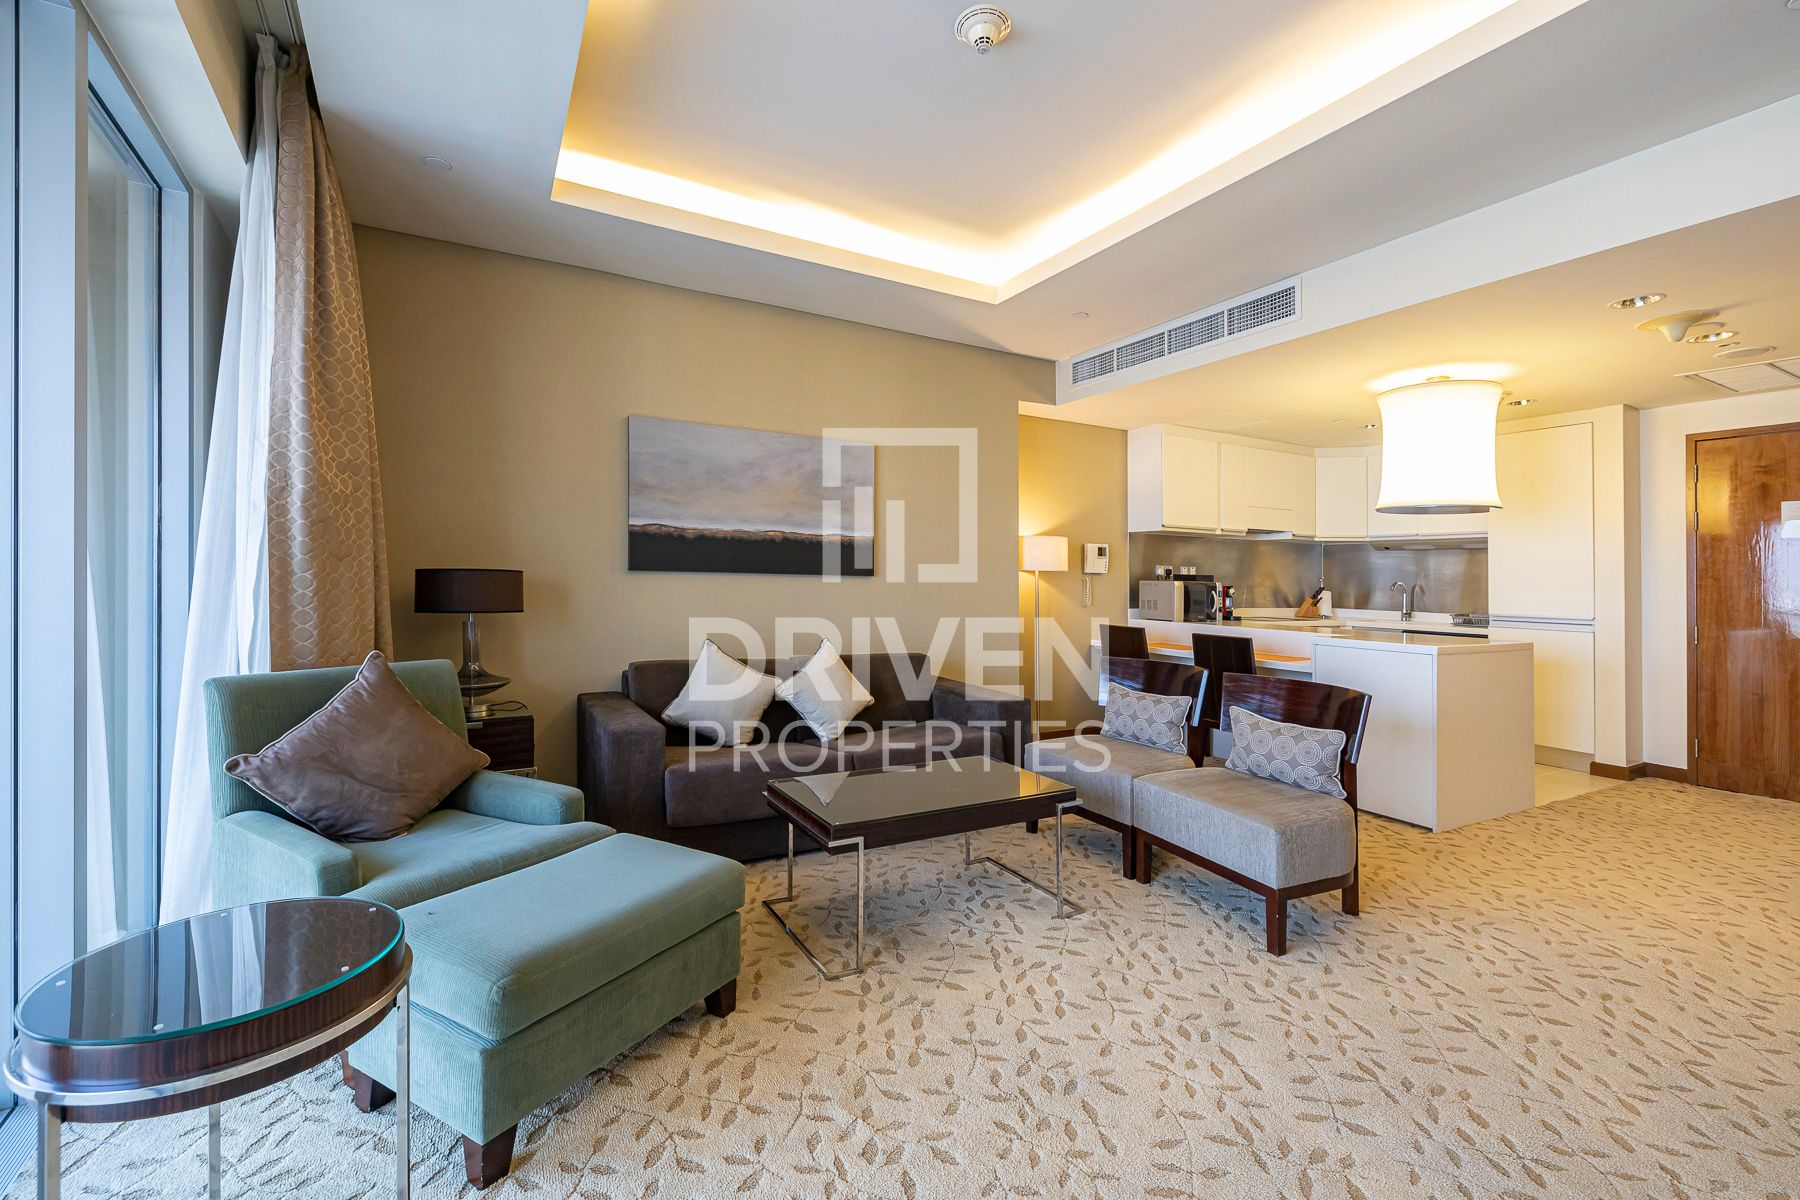 للايجار - شقة - فندق العنوان داونتاون - دبي وسط المدينة